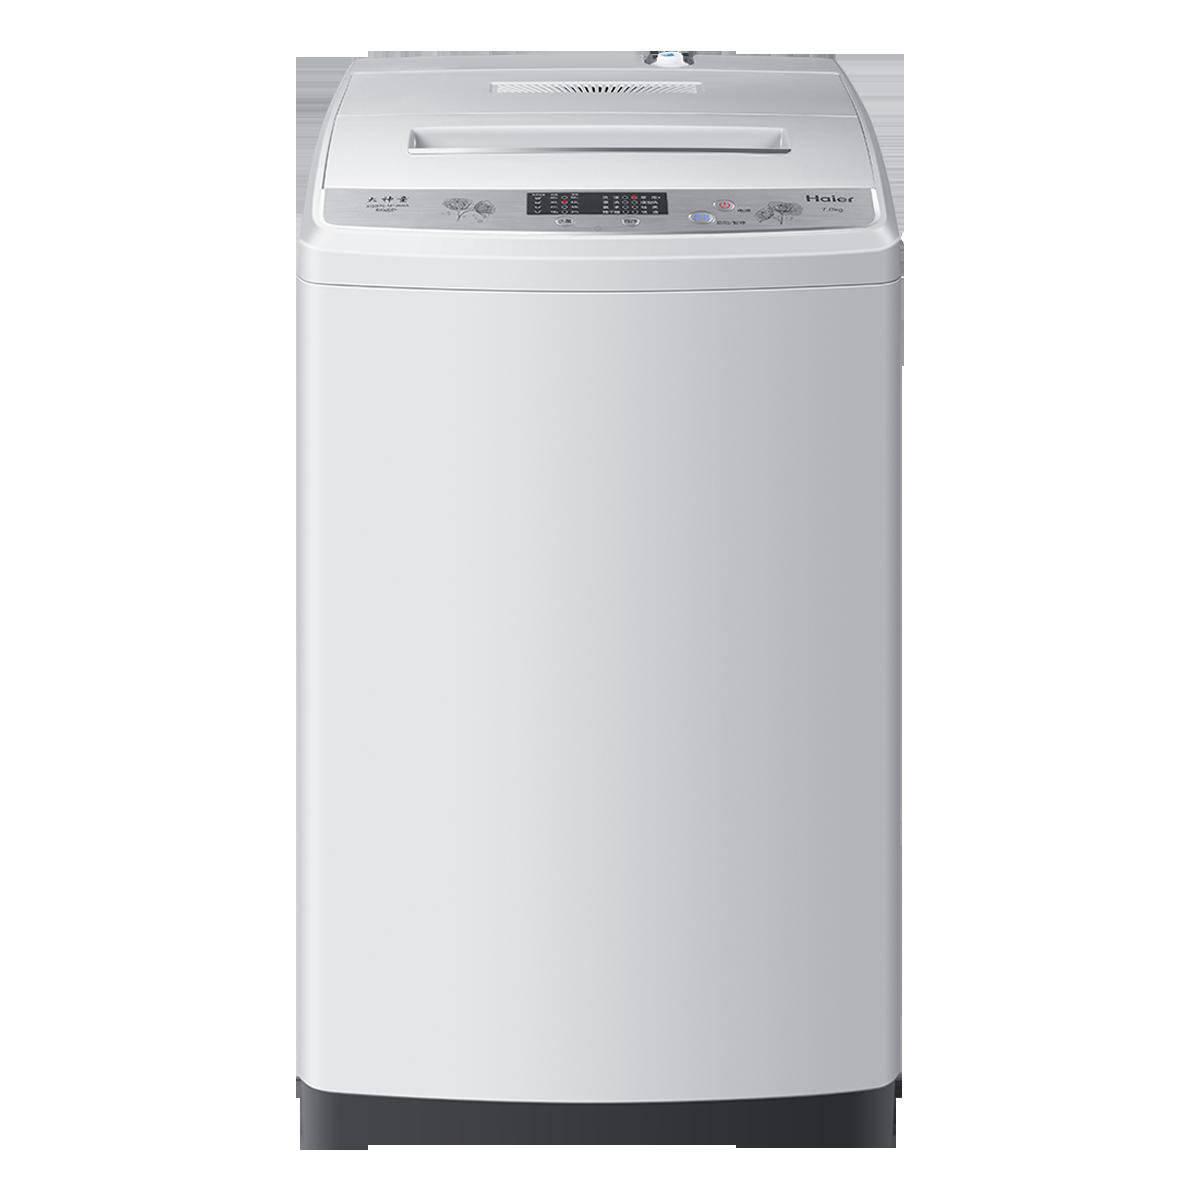 海尔Haier洗衣机 XQB70-M1269S 说明书